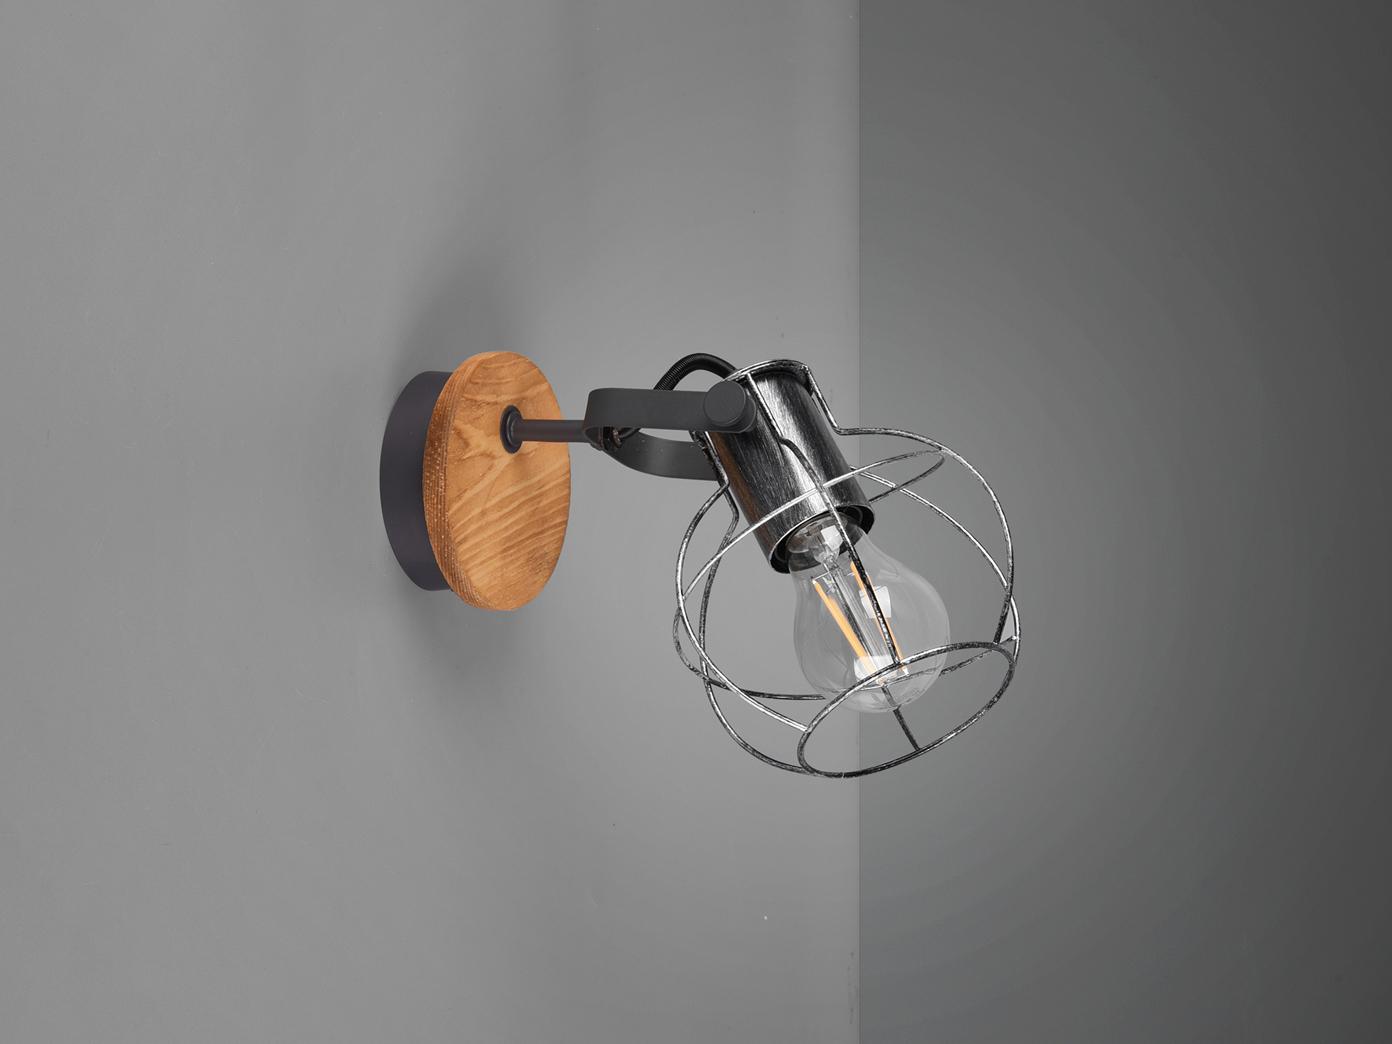 Schwenkbare Vintage Wandlampen im Industriedesign für Flur Küche  Arbeitsplatte - yatego.com